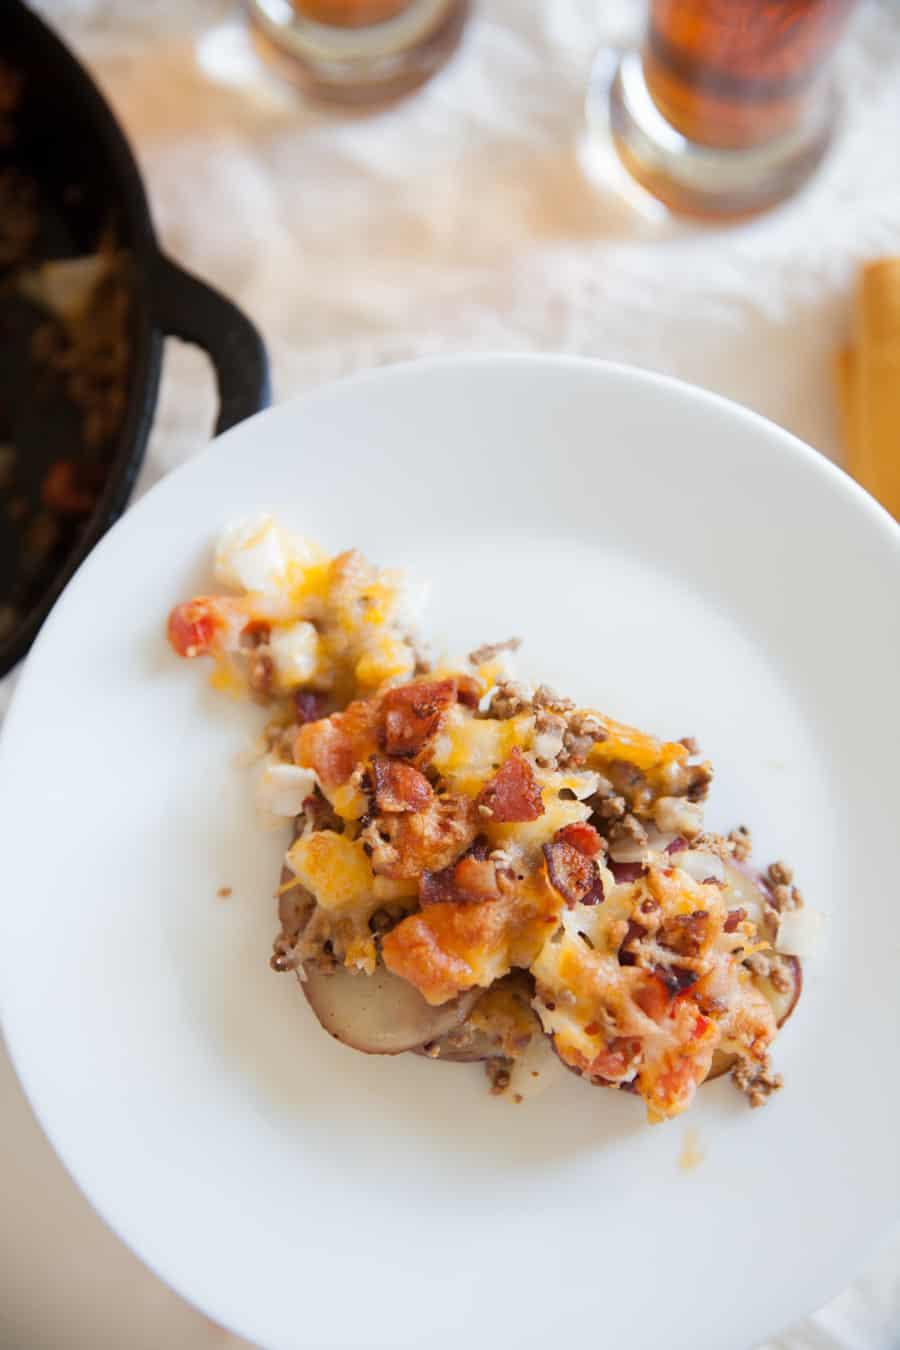 Red skin potato | red skin potato recipe | football food | superbowl recipes | superbowl food | superbowl ideas | nacho recipes | potato nachos | party food | beer food